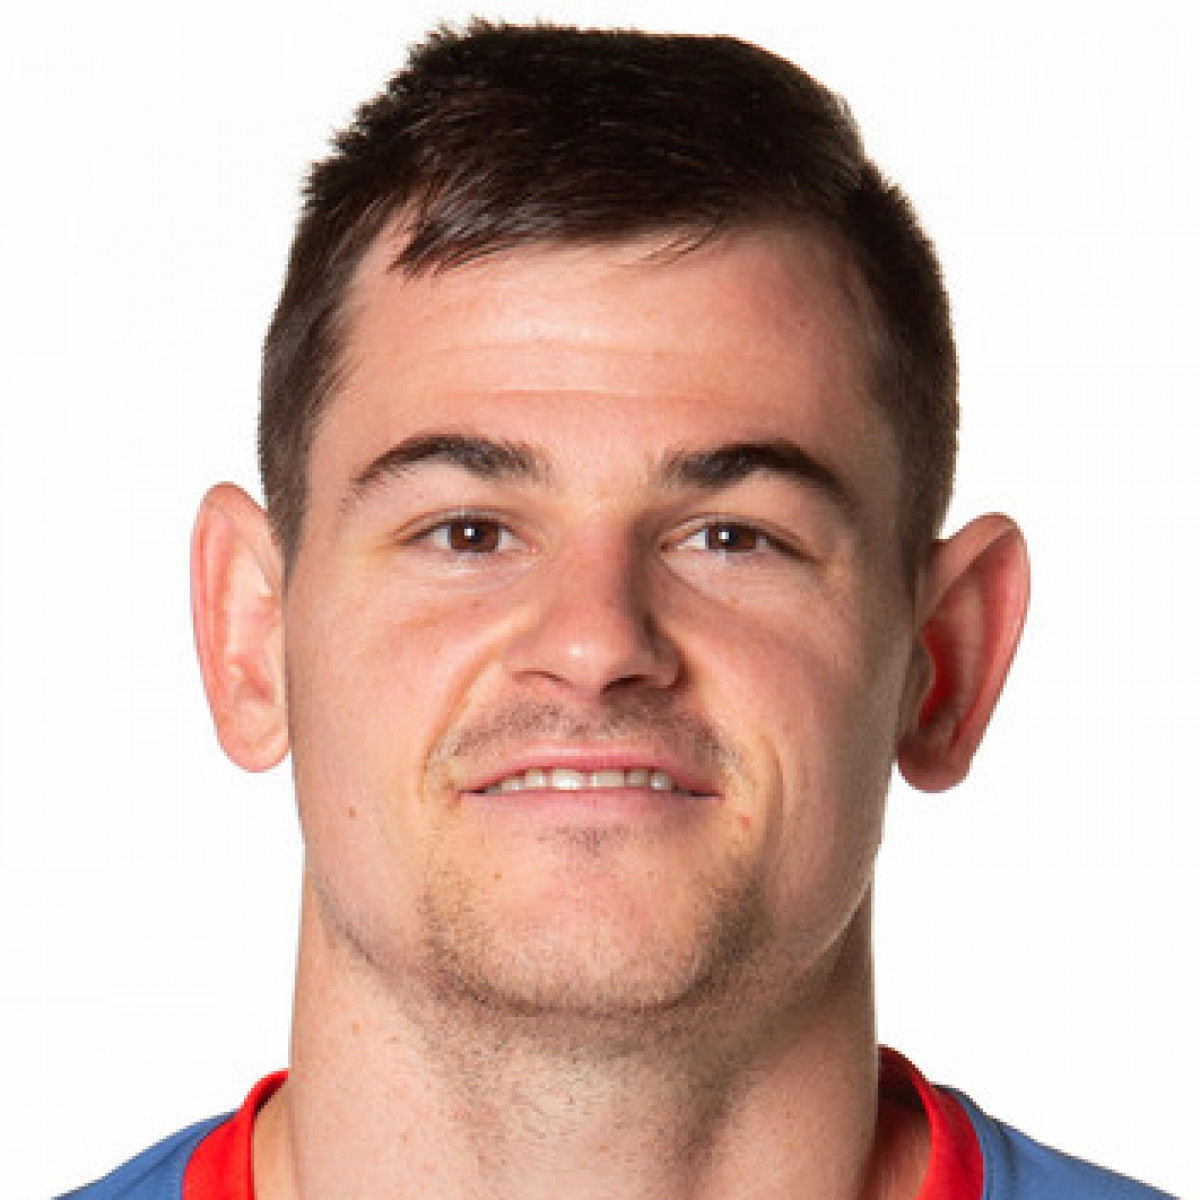 Fletcher Magee